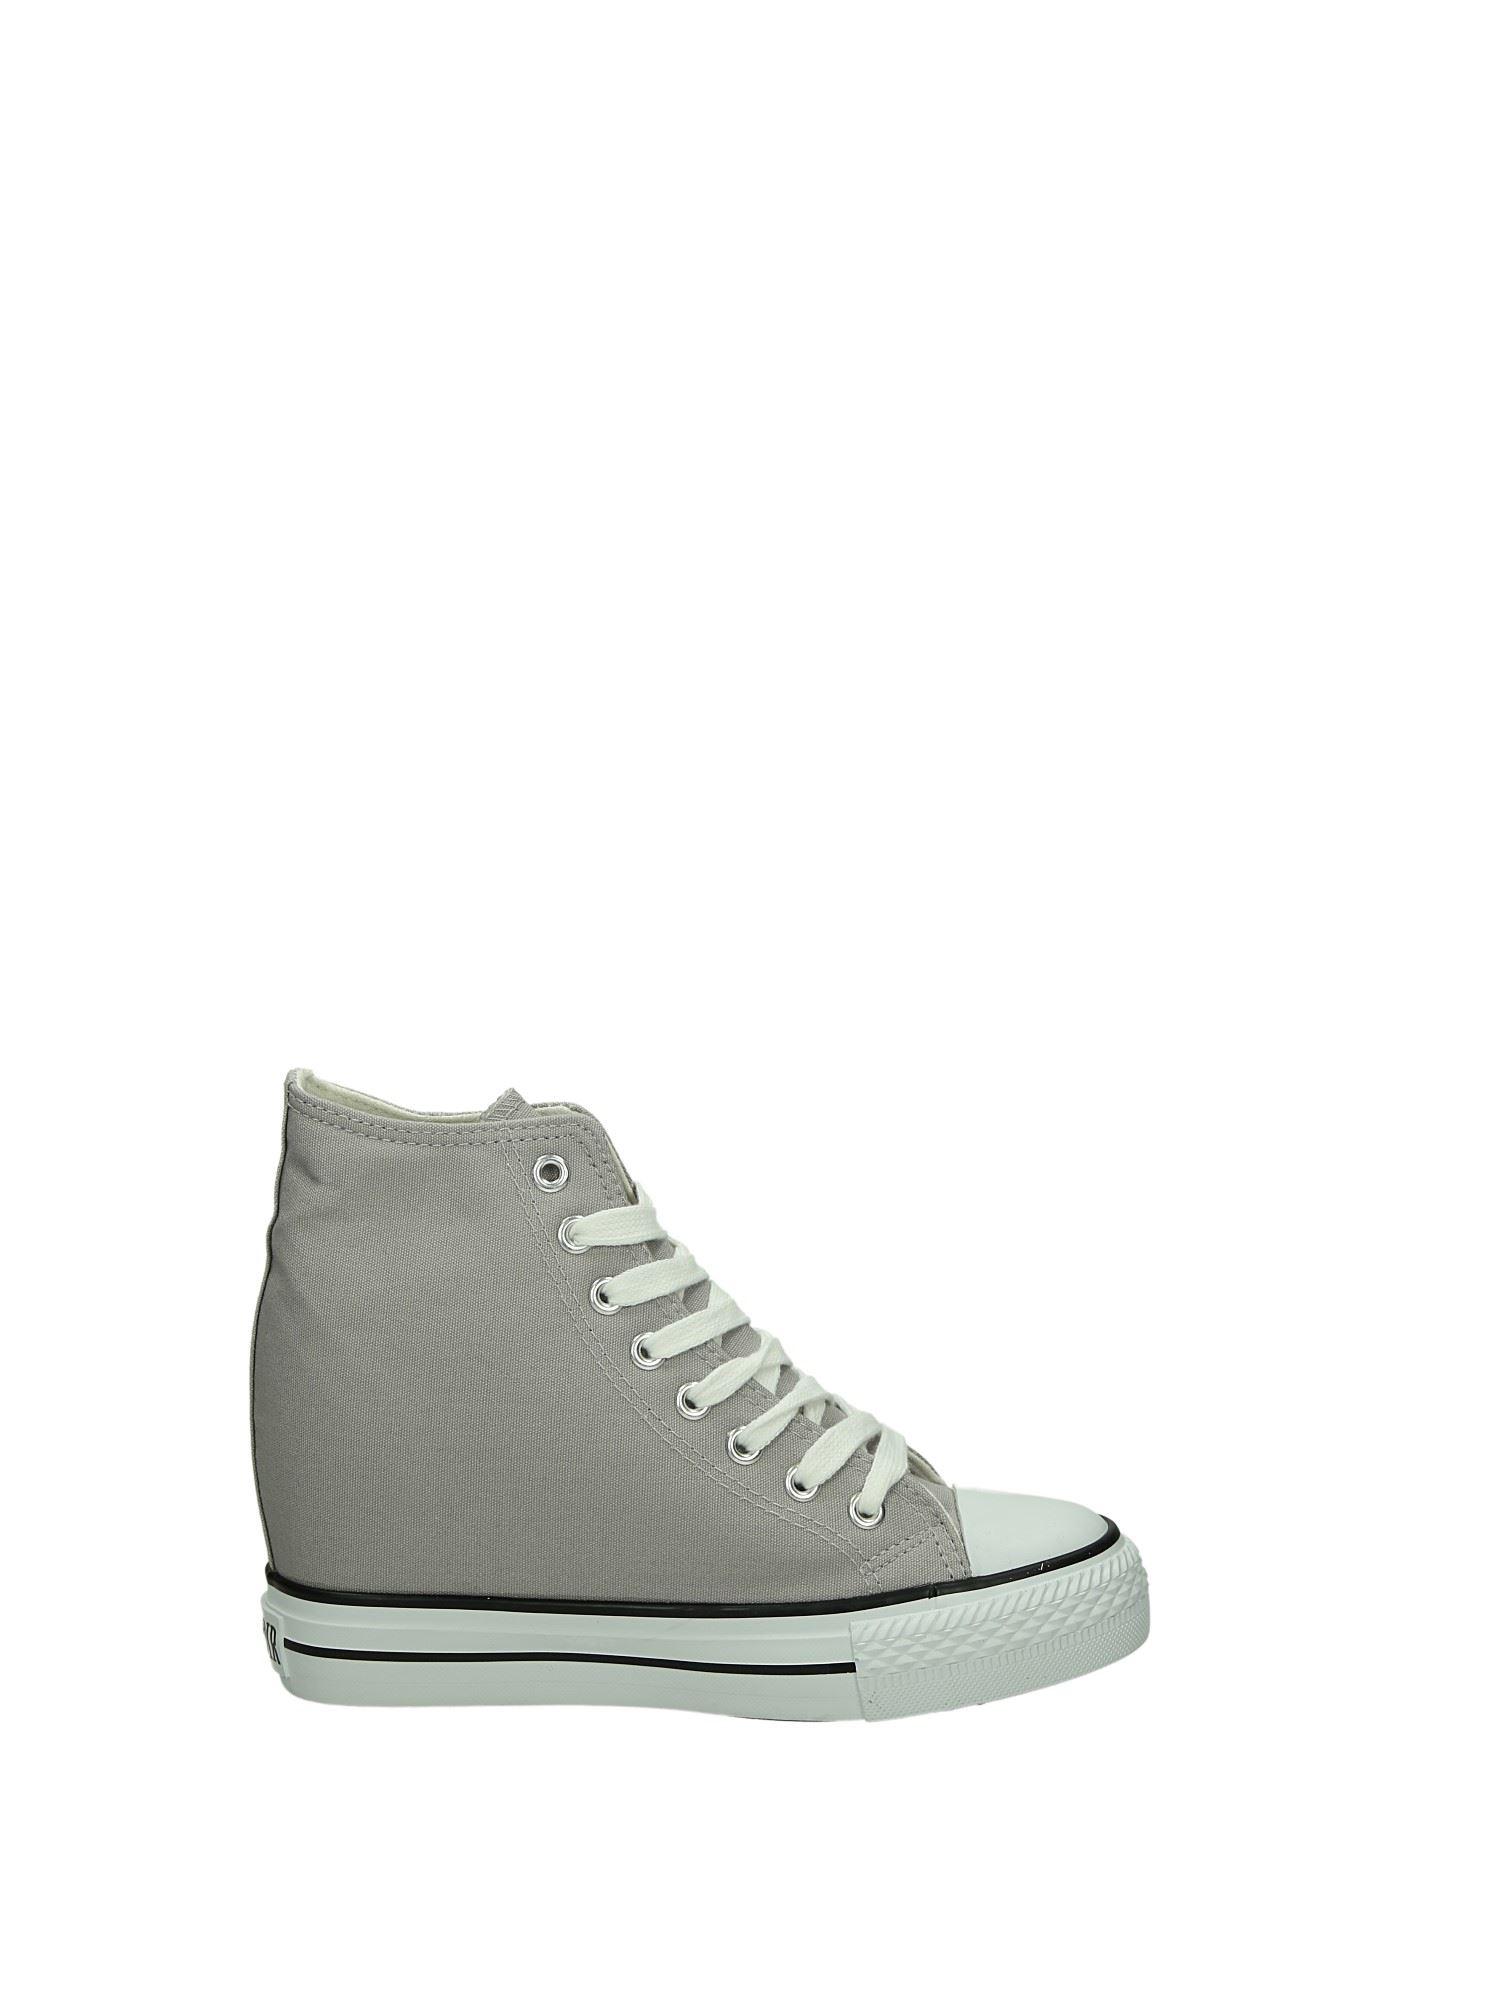 Sneakers-Zeppa-Donna-Cafe-039-Noir-ODG900-Primavera-Estate